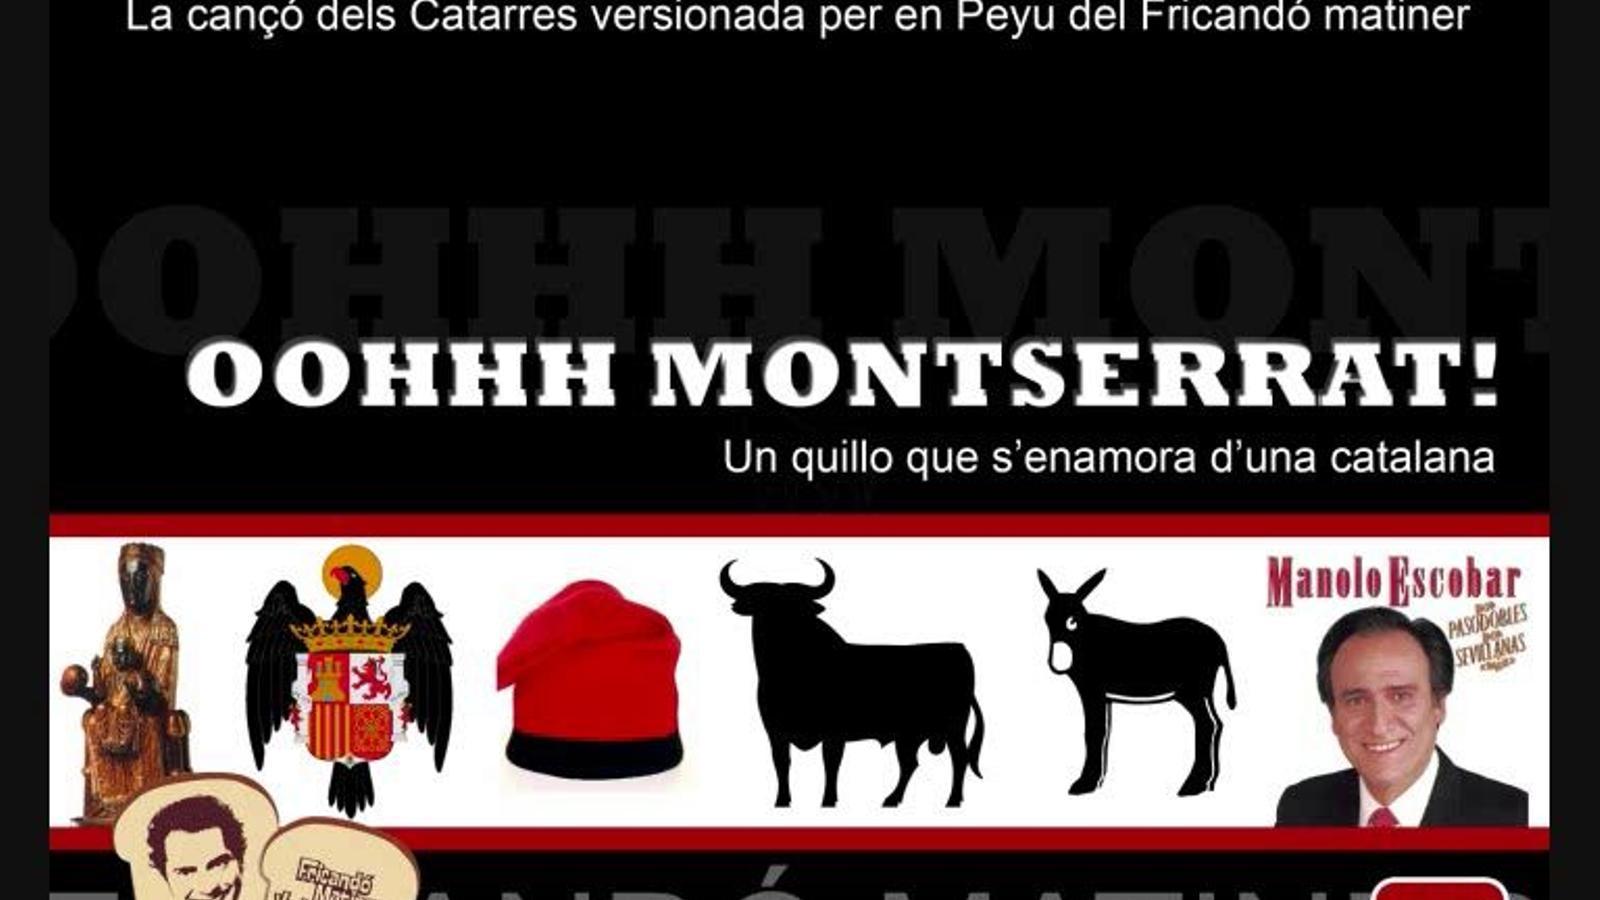 'Oh, Montserrat', la versió de la Jennifer feta pel Fricandó Matiner